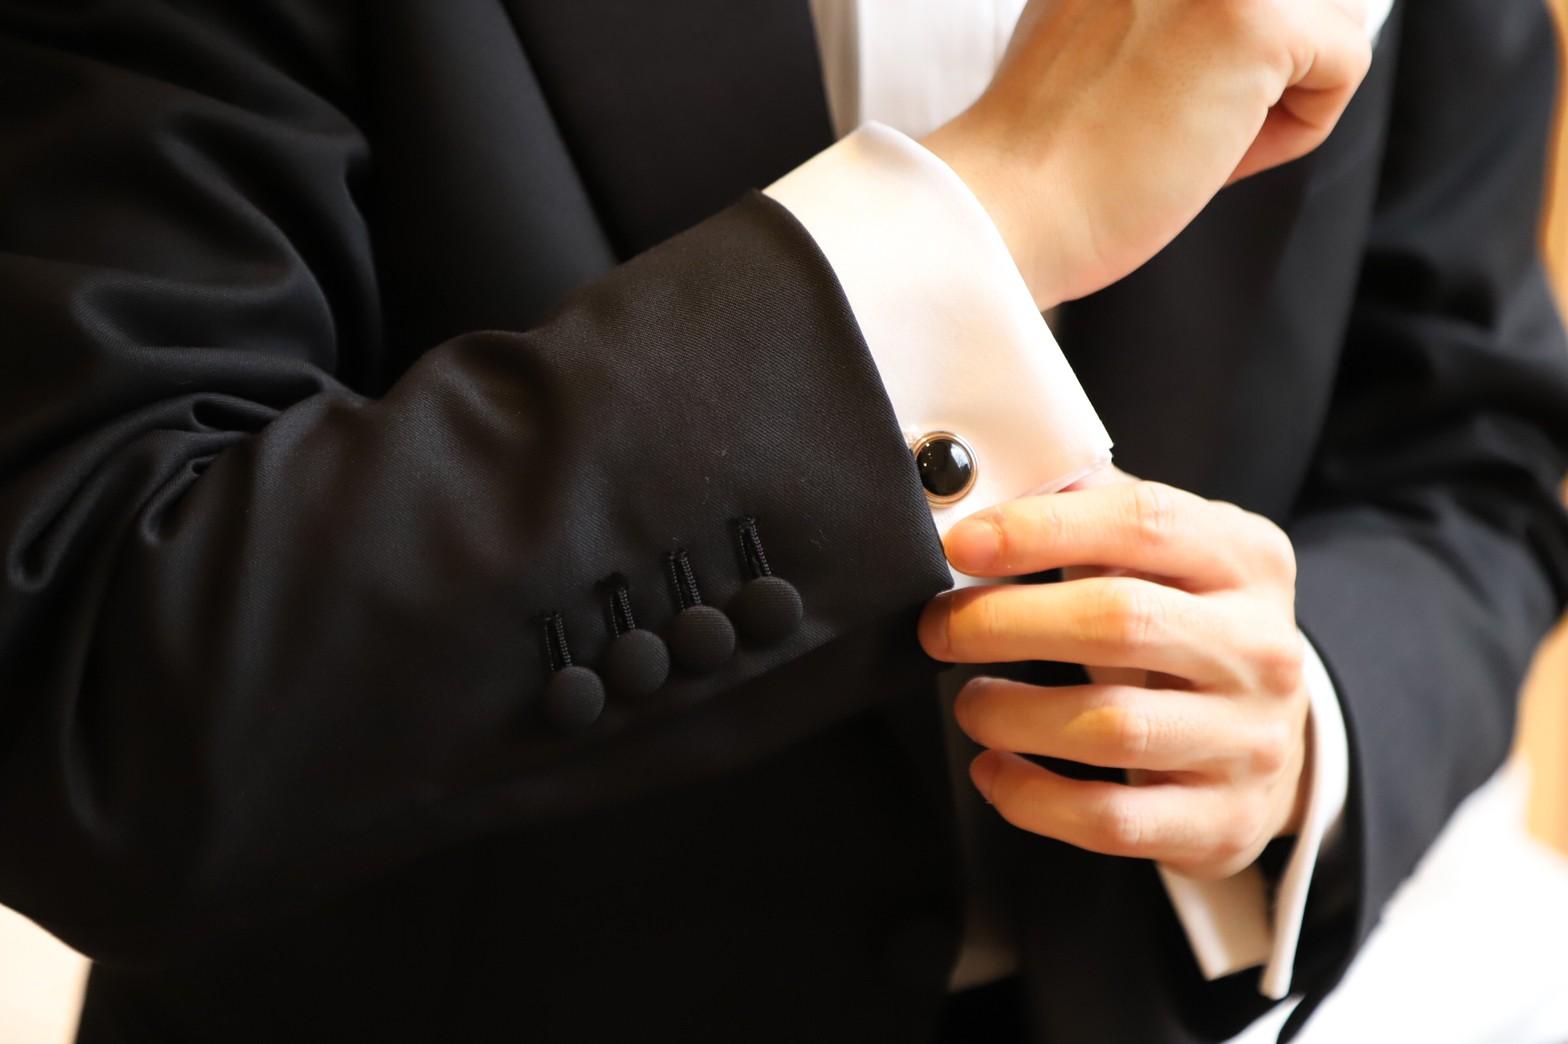 ザトリートドレッシング京都店がご紹介するご新郎様におすすめのフォーマルスタイルによるタキシードの細かなディティール紹介